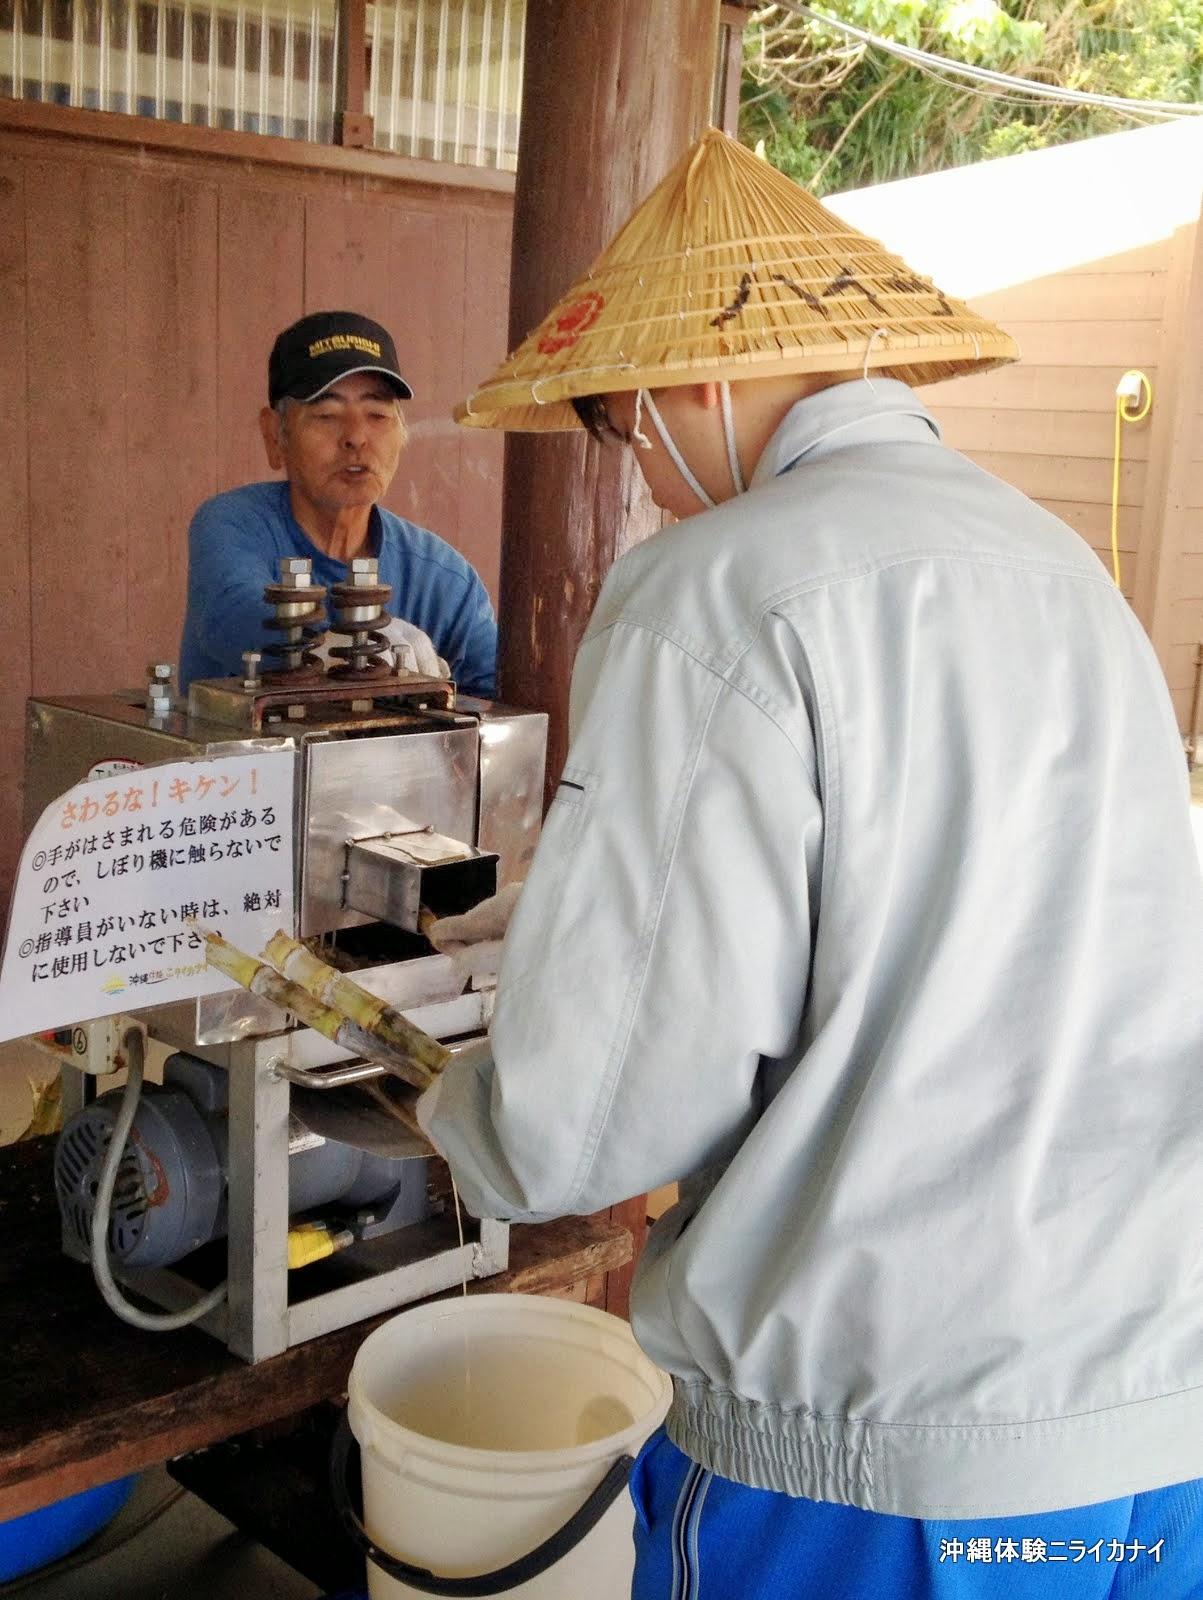 沖縄 恩納村 体験/観光 修学旅行 サトウキビ 収穫